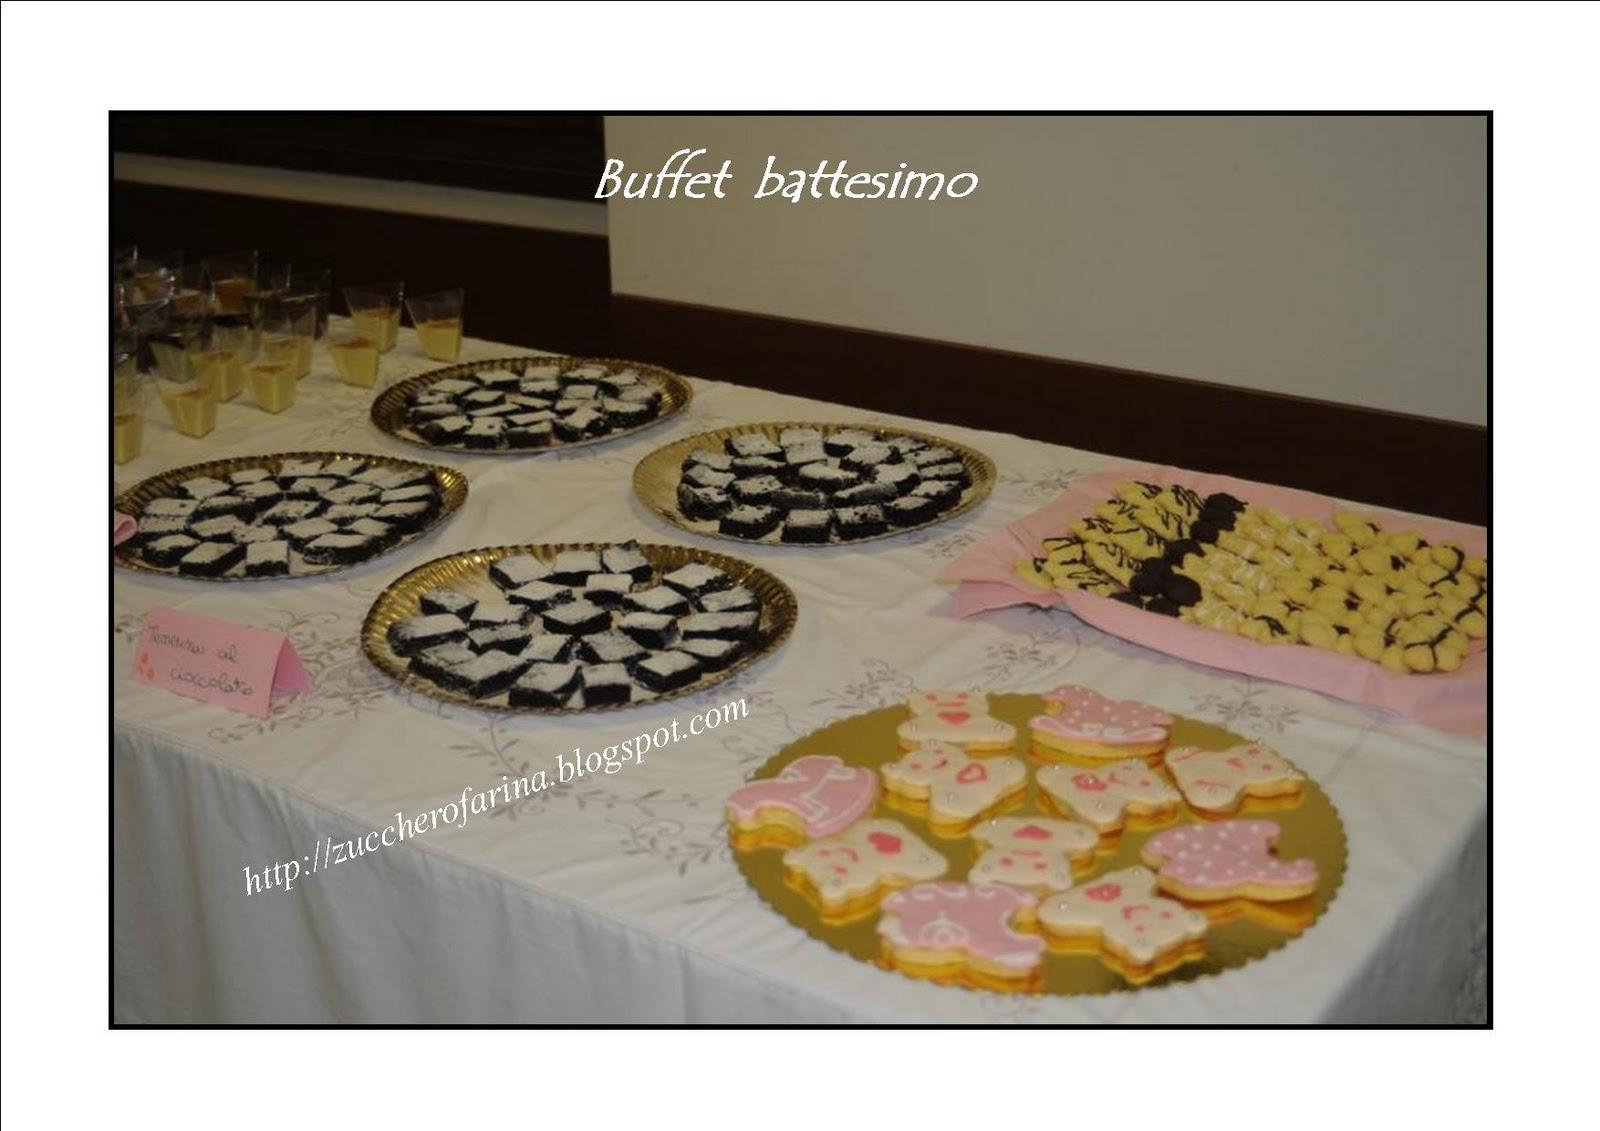 Buffet Di Dolci Battesimo : Buffet e rinfreschi ricette per buffet finger food dolci e